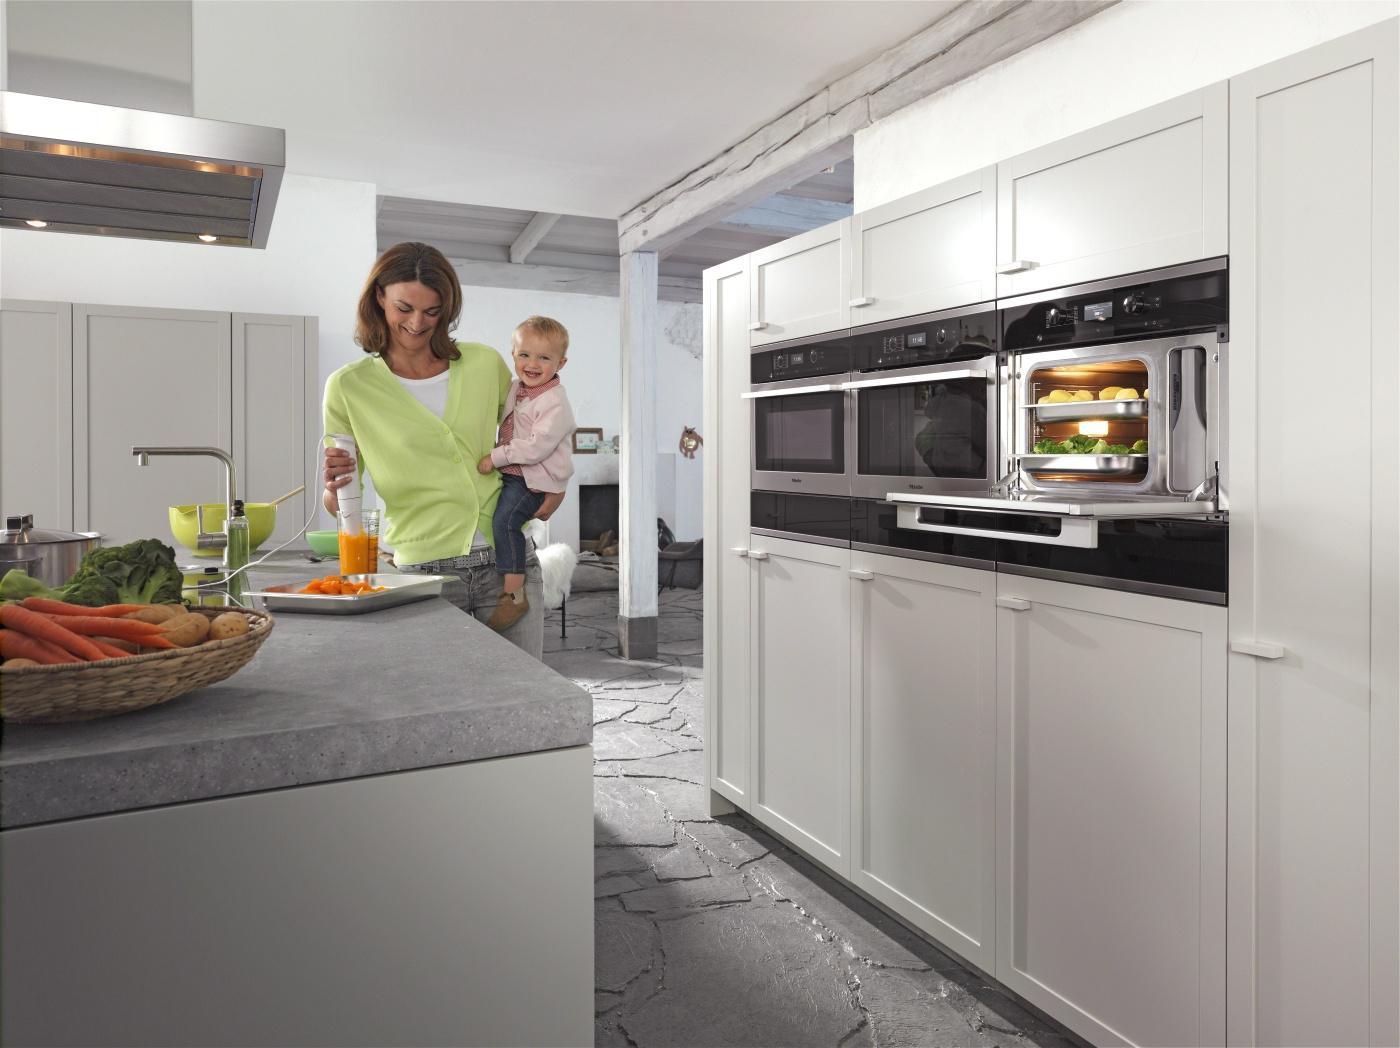 miele dg6030 d edst clst 230 50 dampfgarer einbau 24 liter externer dampferzeuger. Black Bedroom Furniture Sets. Home Design Ideas